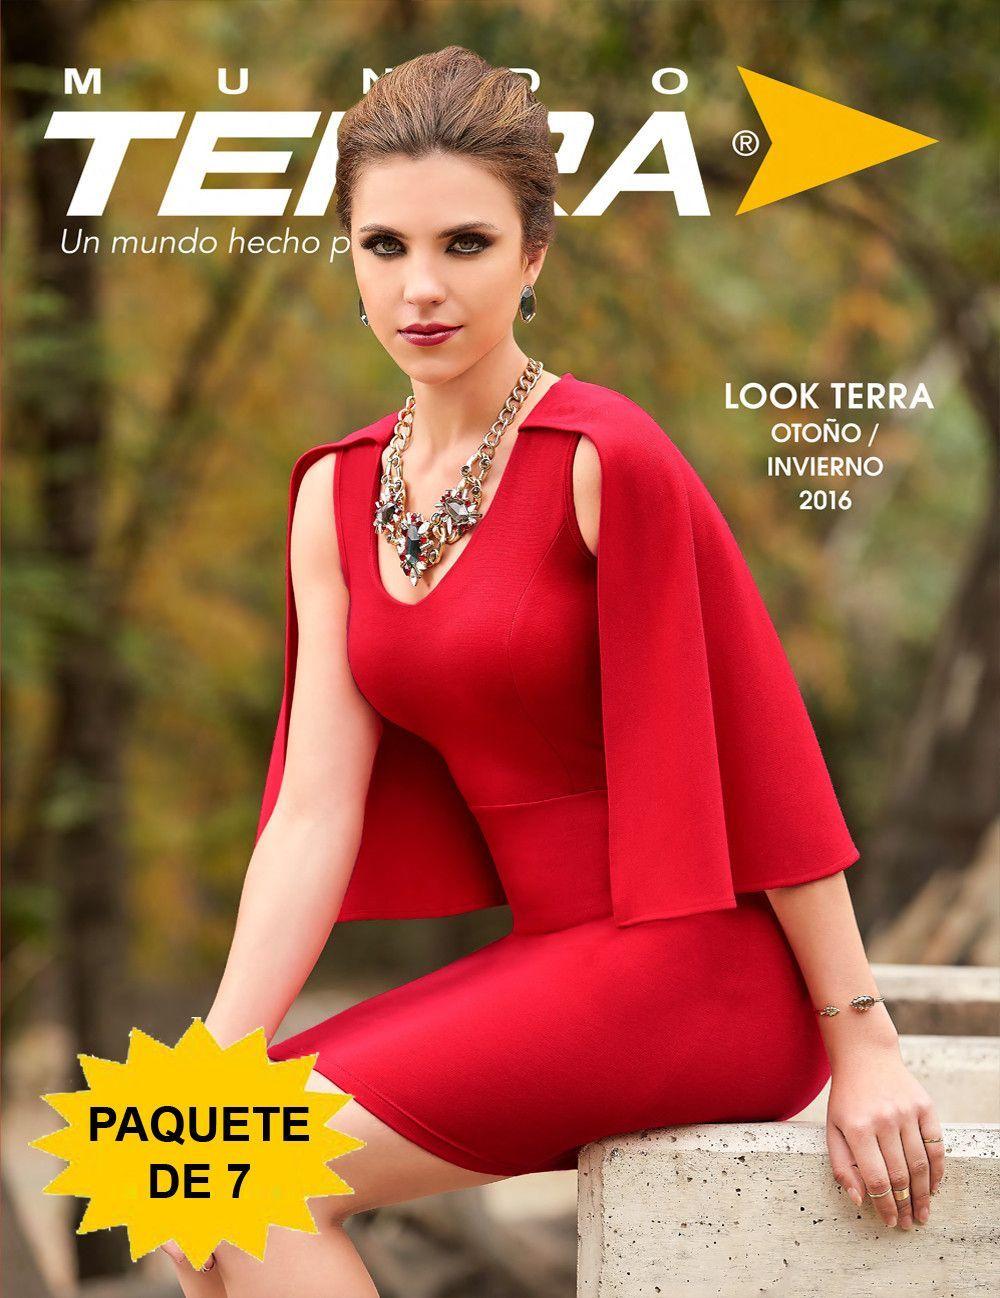 7303edcf Paquete Terra | rropa miestilo | Catalogos de ropa, Ropa y Vestidos ...